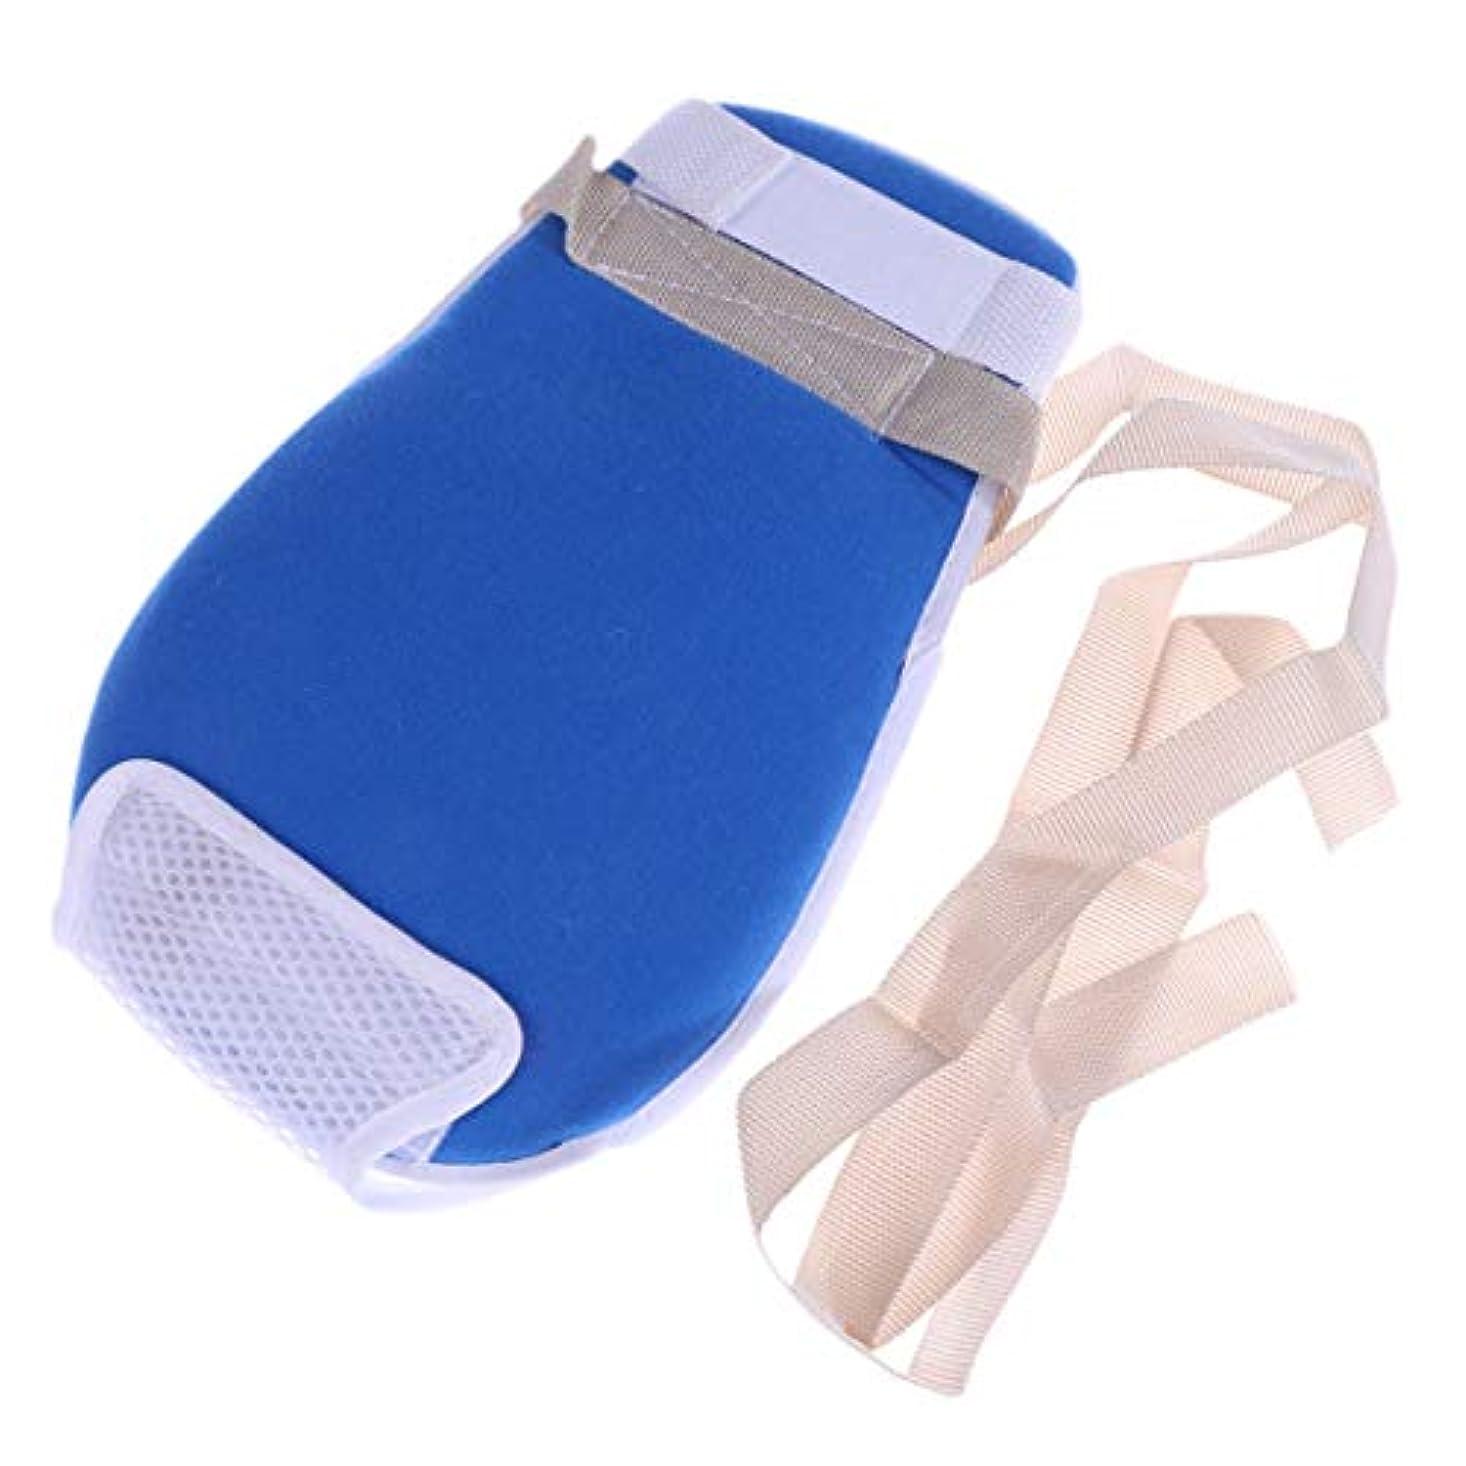 先見の明抹消読み書きのできないHealifty 制御手袋耐スクラッチ保護手袋(青)